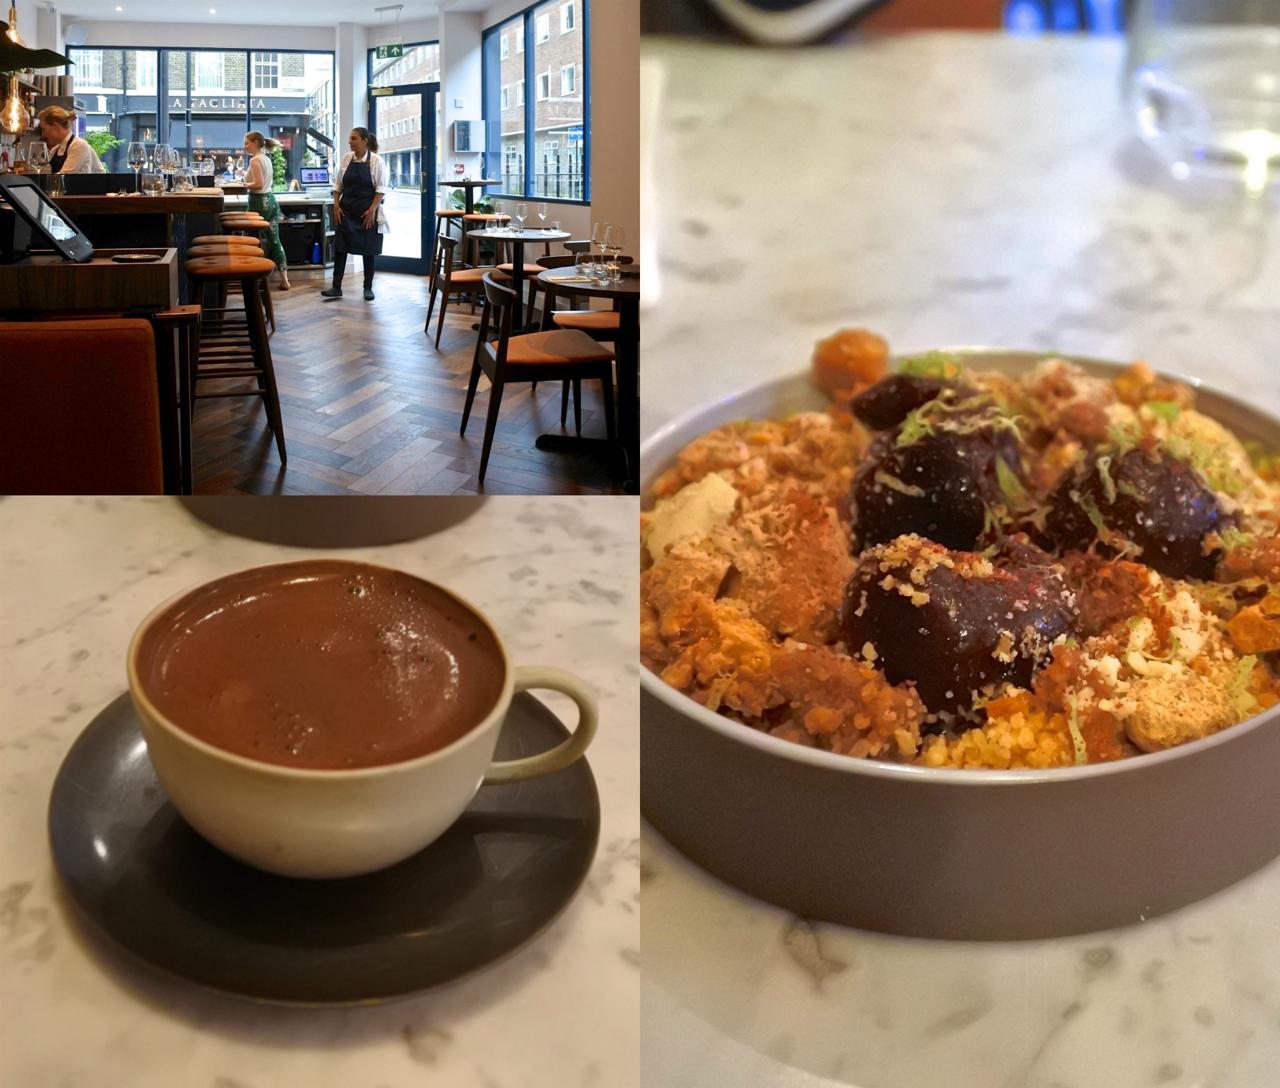 チェリー・クランブル美味しい♡ トルコ・コーヒーも甘さと深みを感じられる優秀な出来栄え。